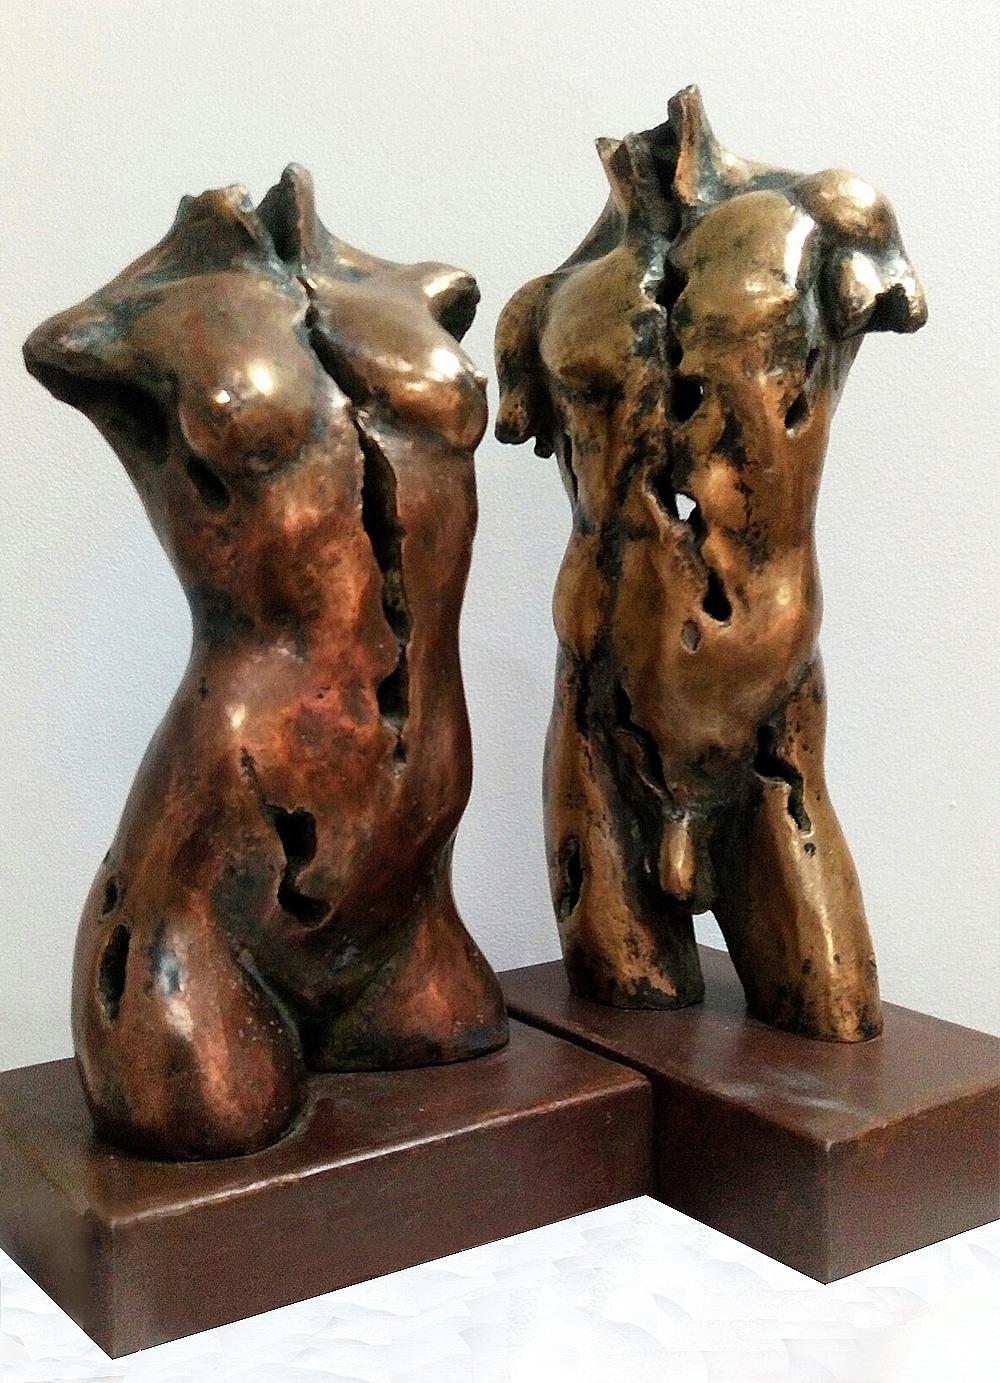 Esculturas-Bronce-Masculino-Femenino-A-C.Danone-RD.Escultor